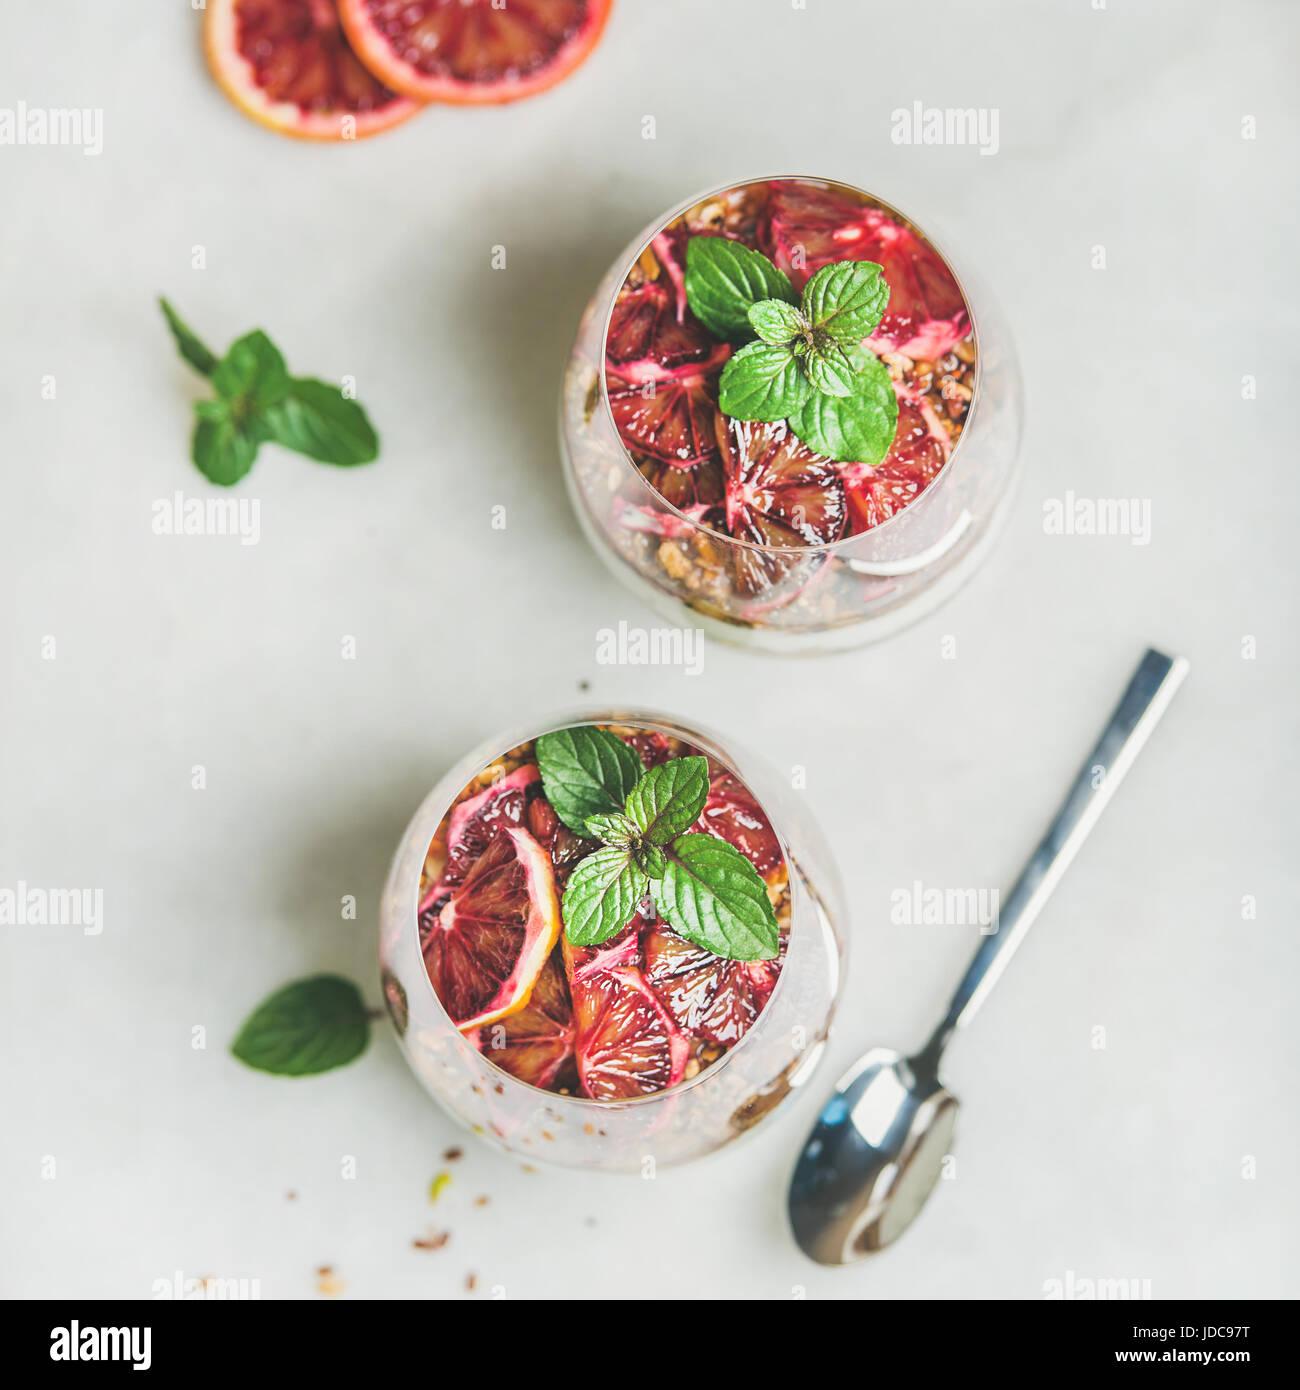 Petit-déjeuner sain avec yaourt, céréales, parfait en couches d'orange Photo Stock